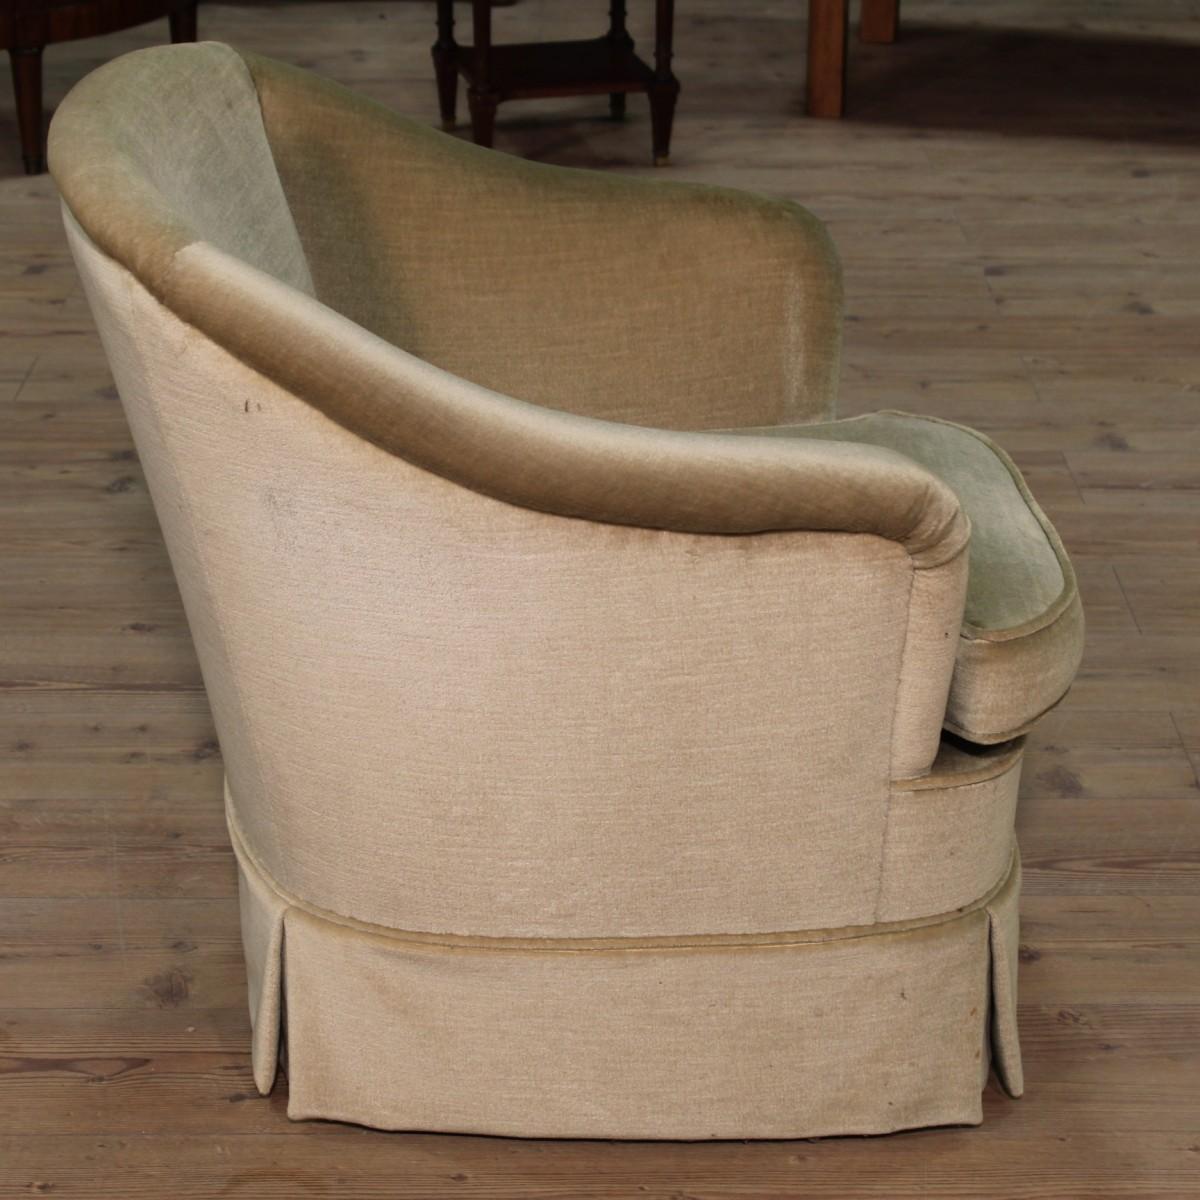 sessel stuhl franz sisch m bel gr n samt sofa wohnzimmer bude antik stil 900 xx ebay. Black Bedroom Furniture Sets. Home Design Ideas